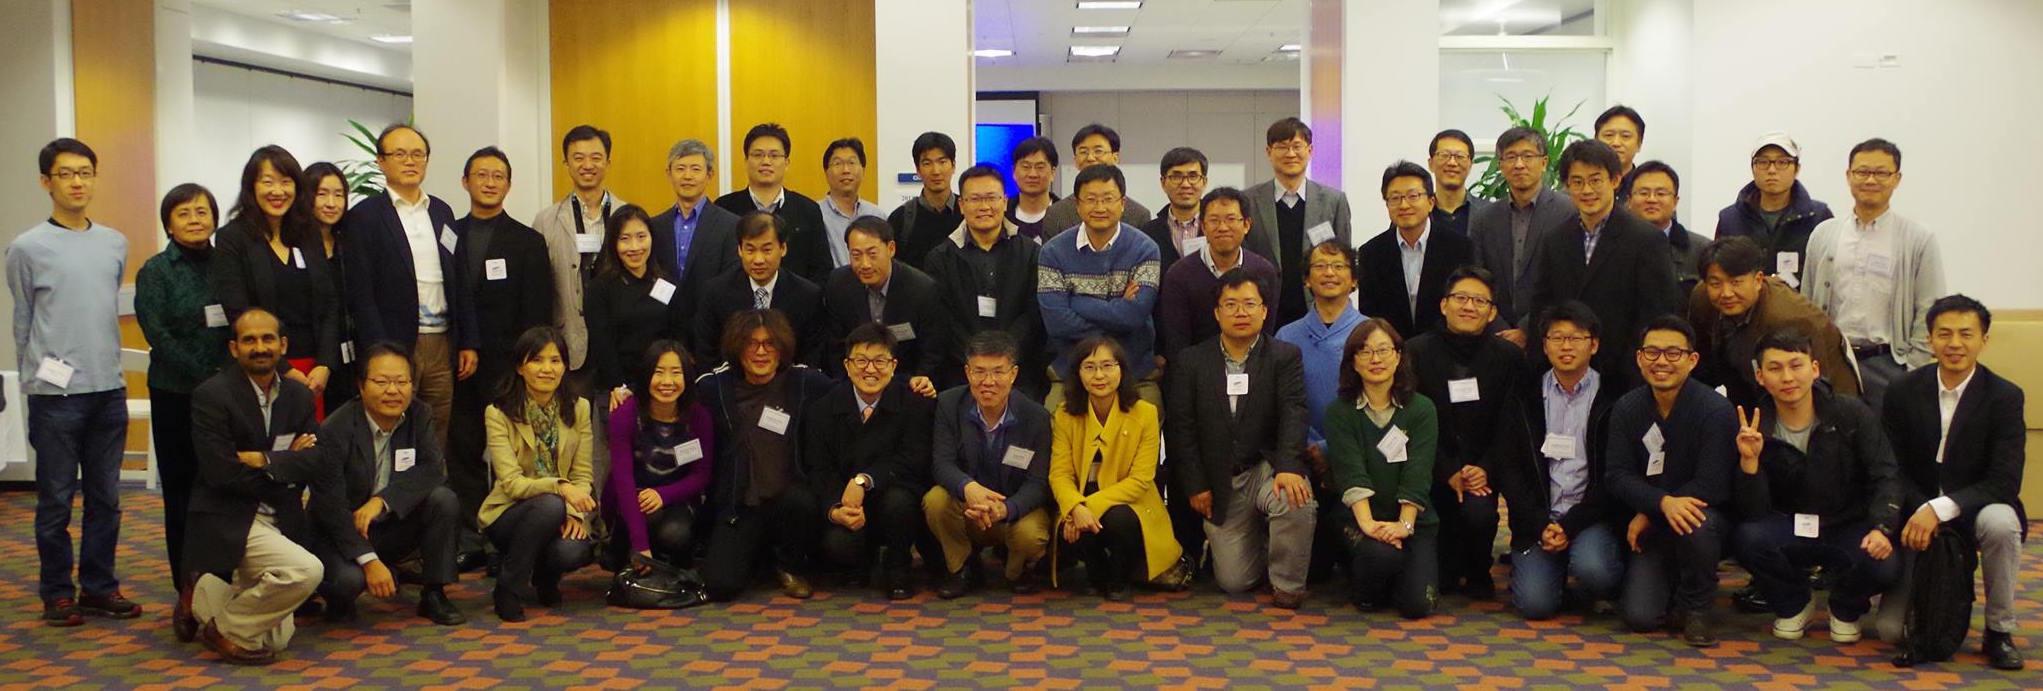 KOCSEA Symposium 2013